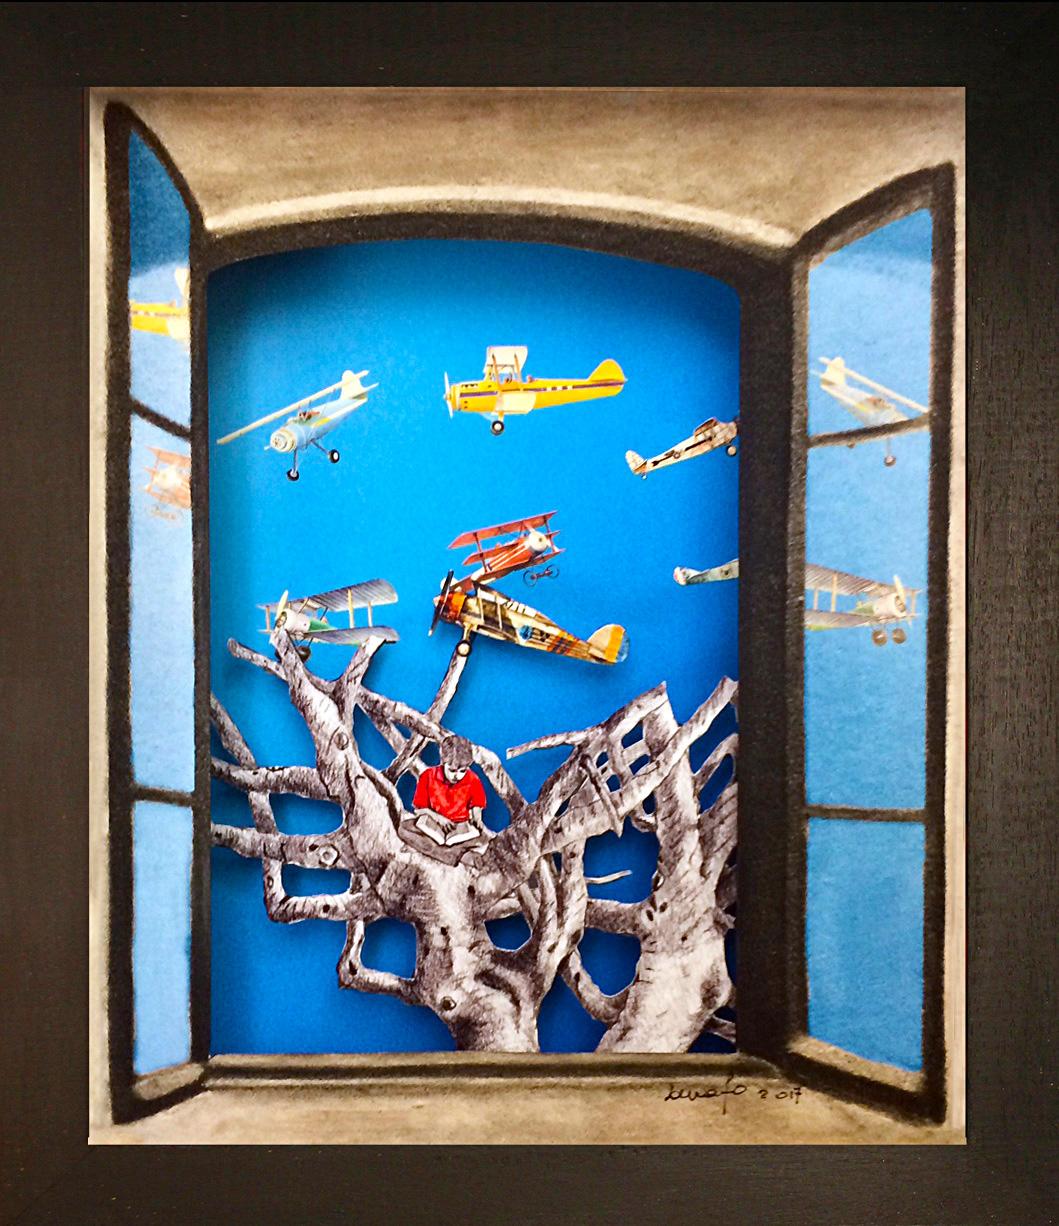 Questa libertà. Pierlugi Cappello Teatrino 3D Collage in scatola di ayous, tecnica mista 31,5 x 36,5 x 8 .jpg